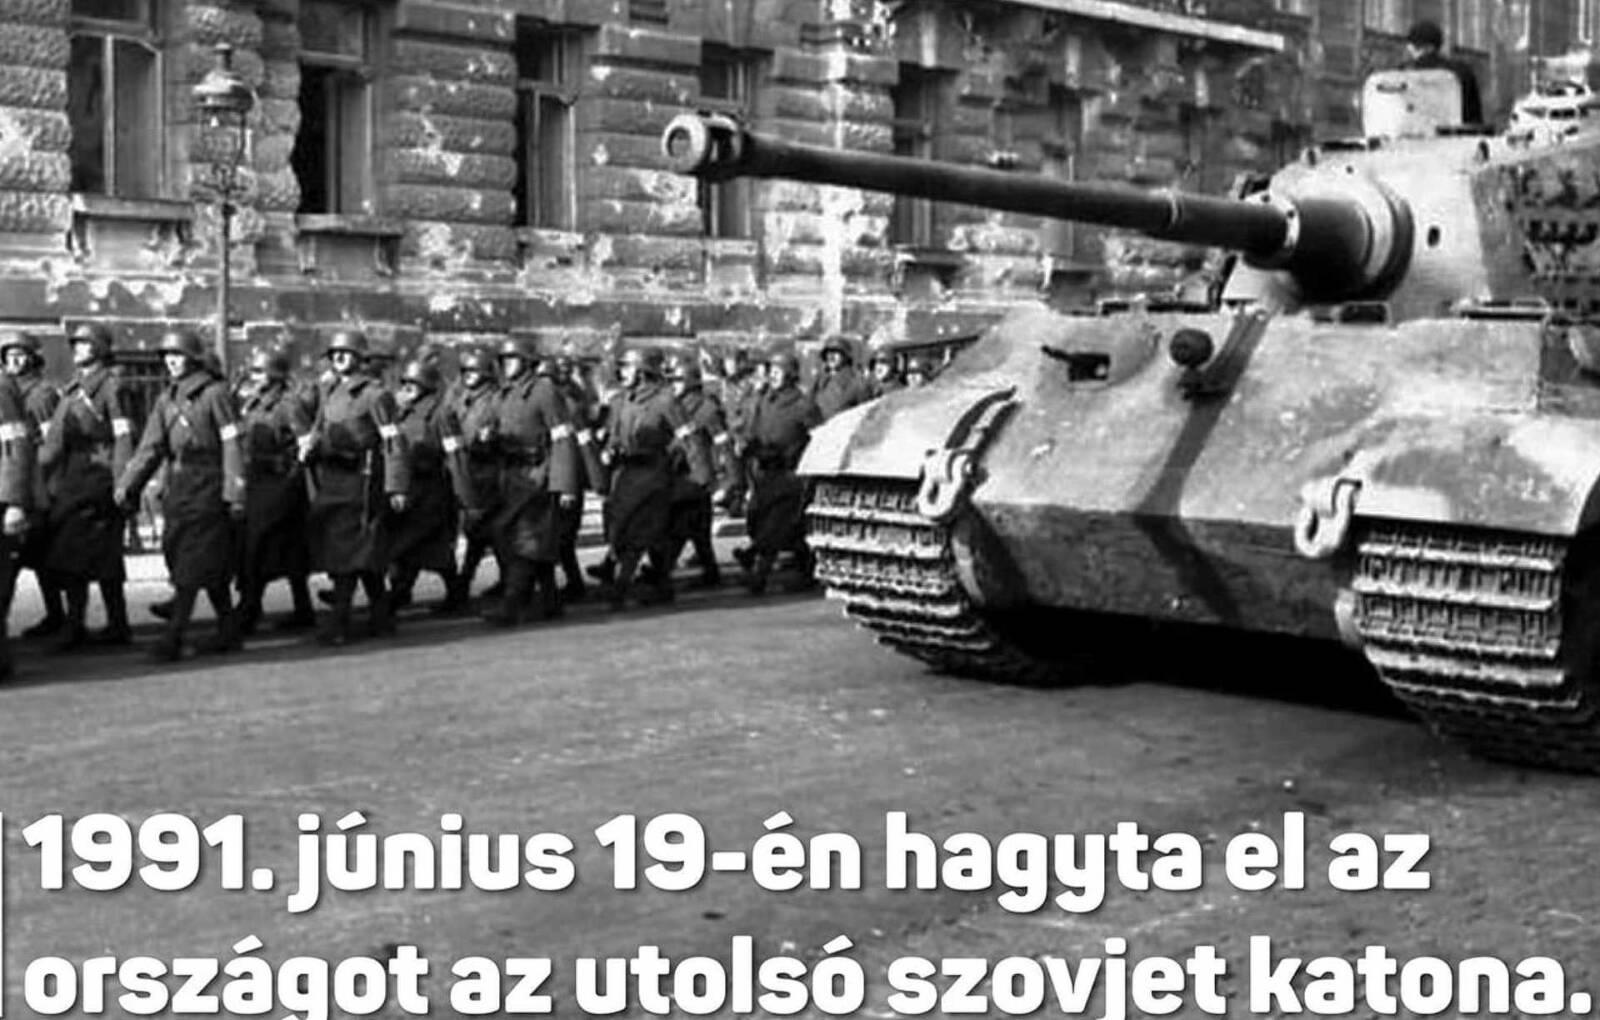 Masírozó nyilasokkal emlékezett egy fideszes képviselő a szovjet katonák kivonulására – Kibic Magazin